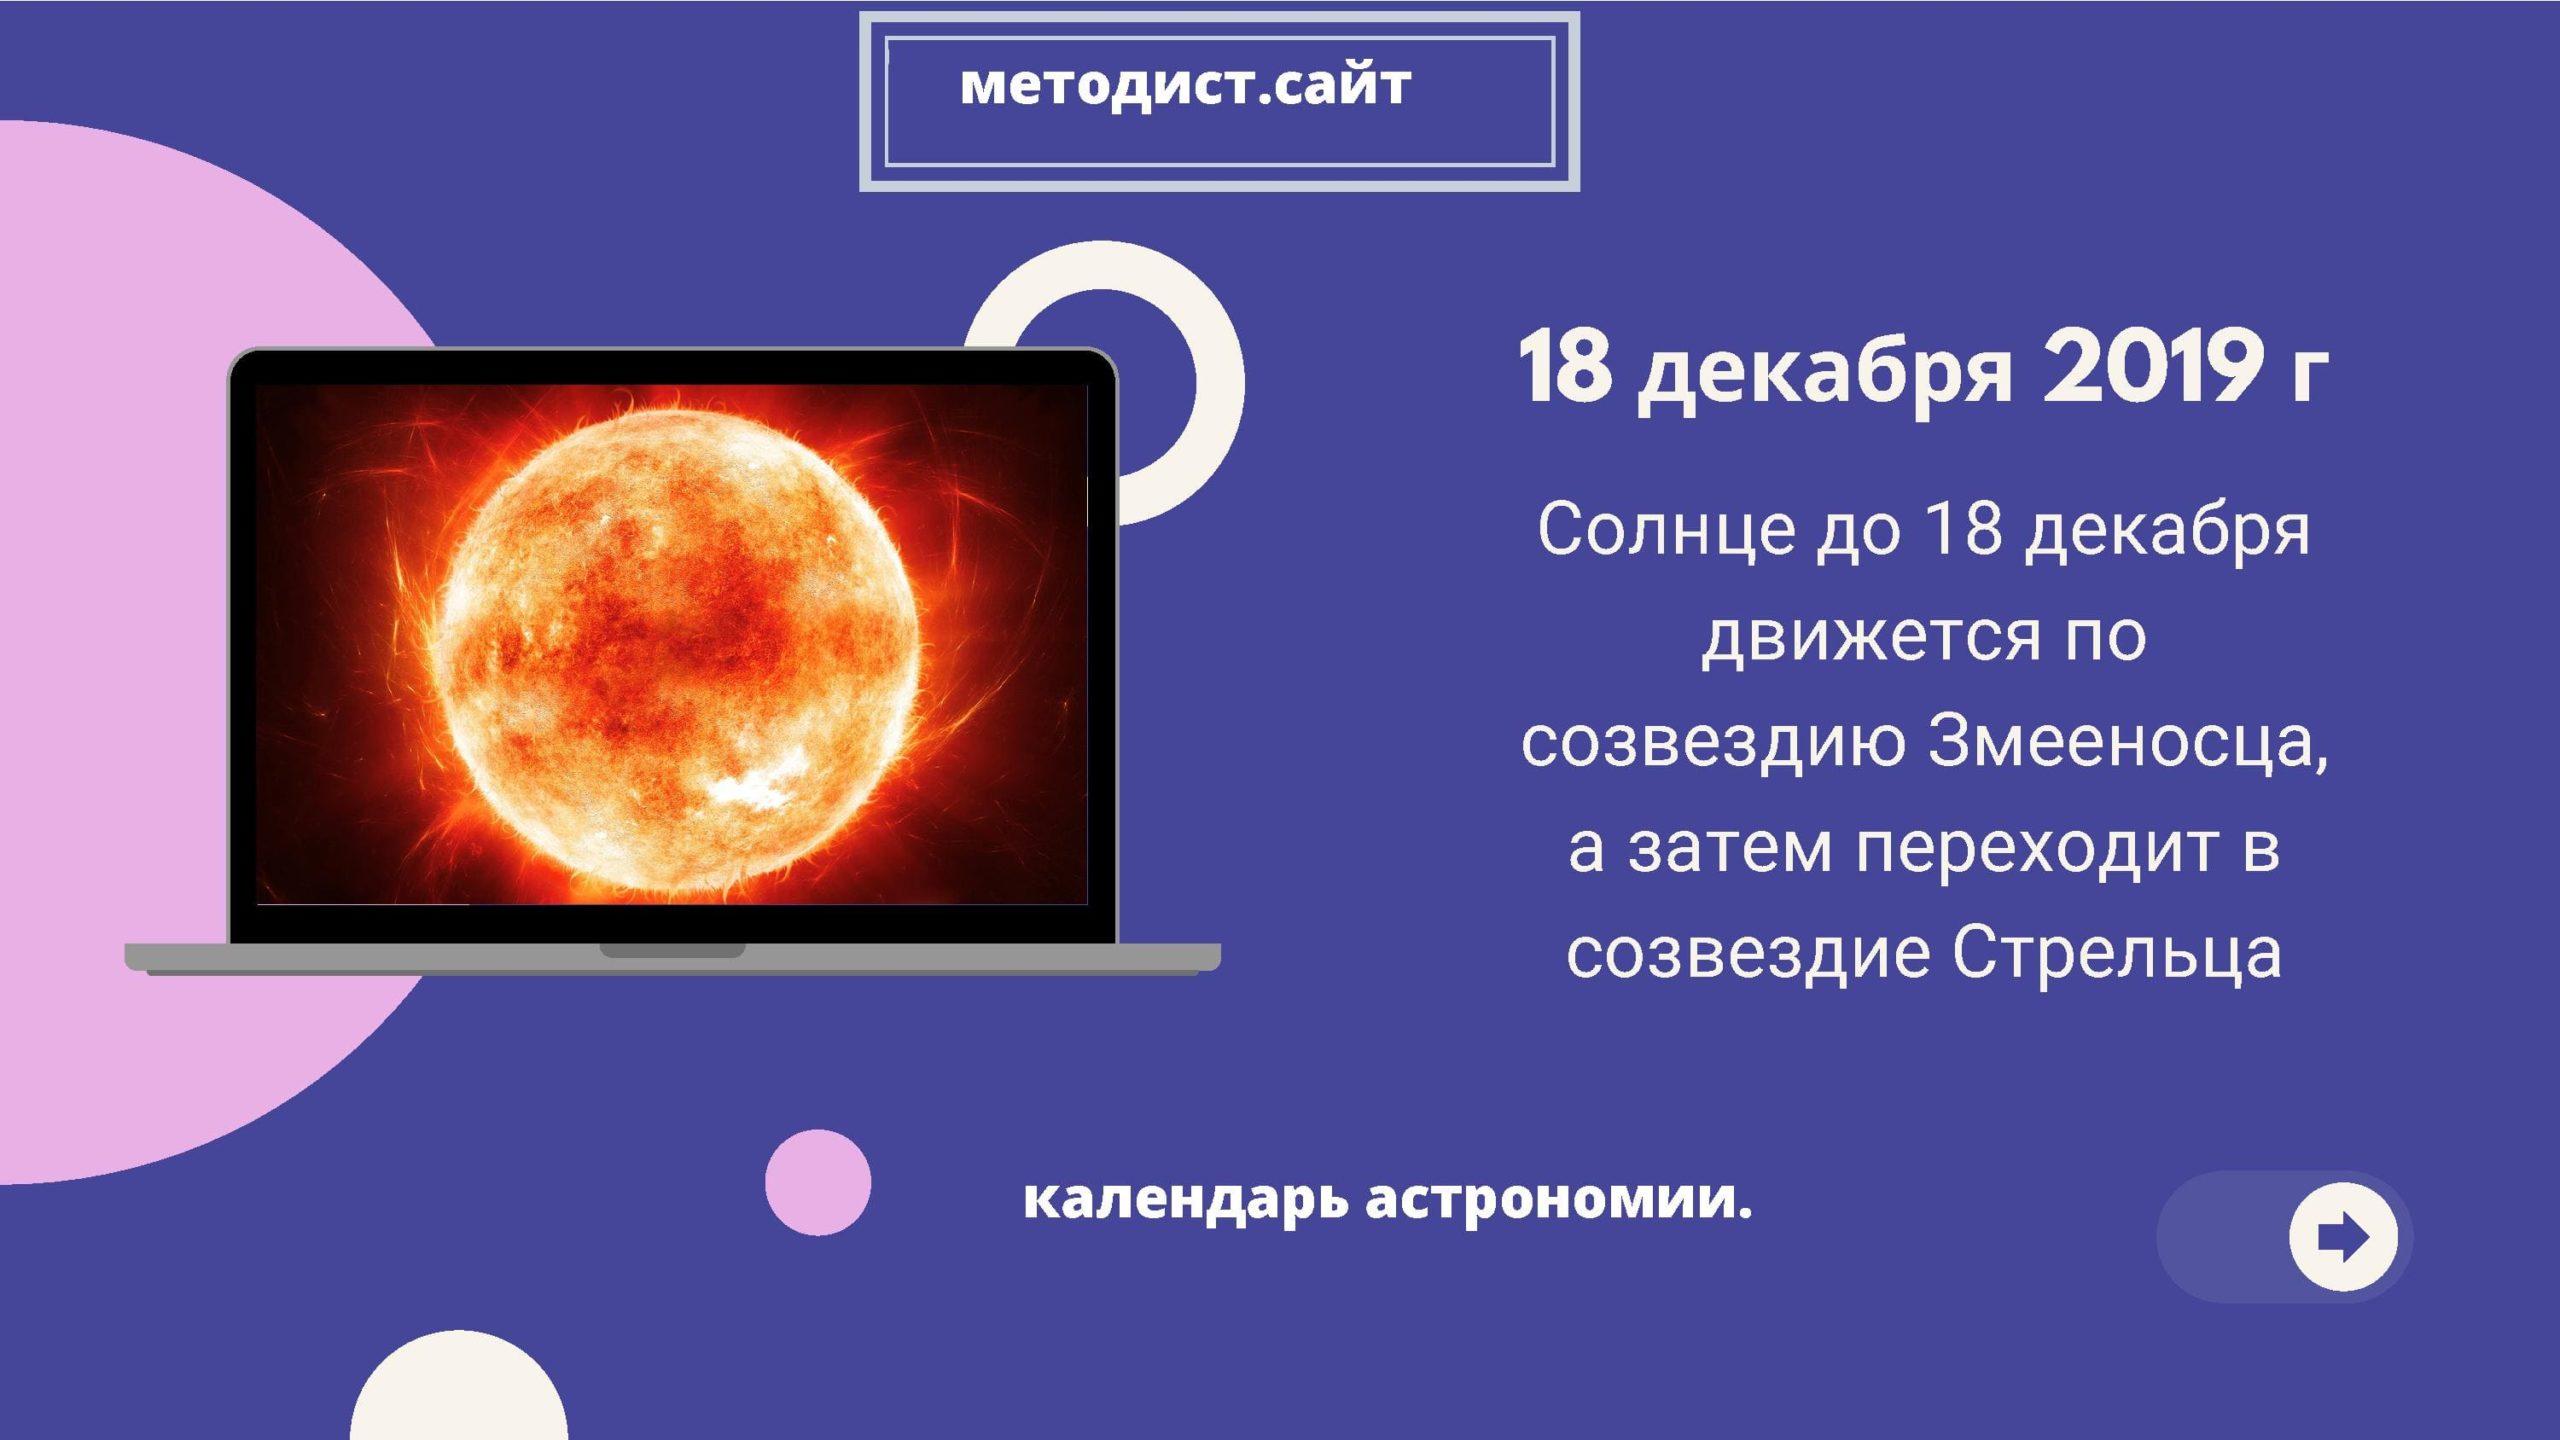 Солнце до 18 декабря движется по созвездию